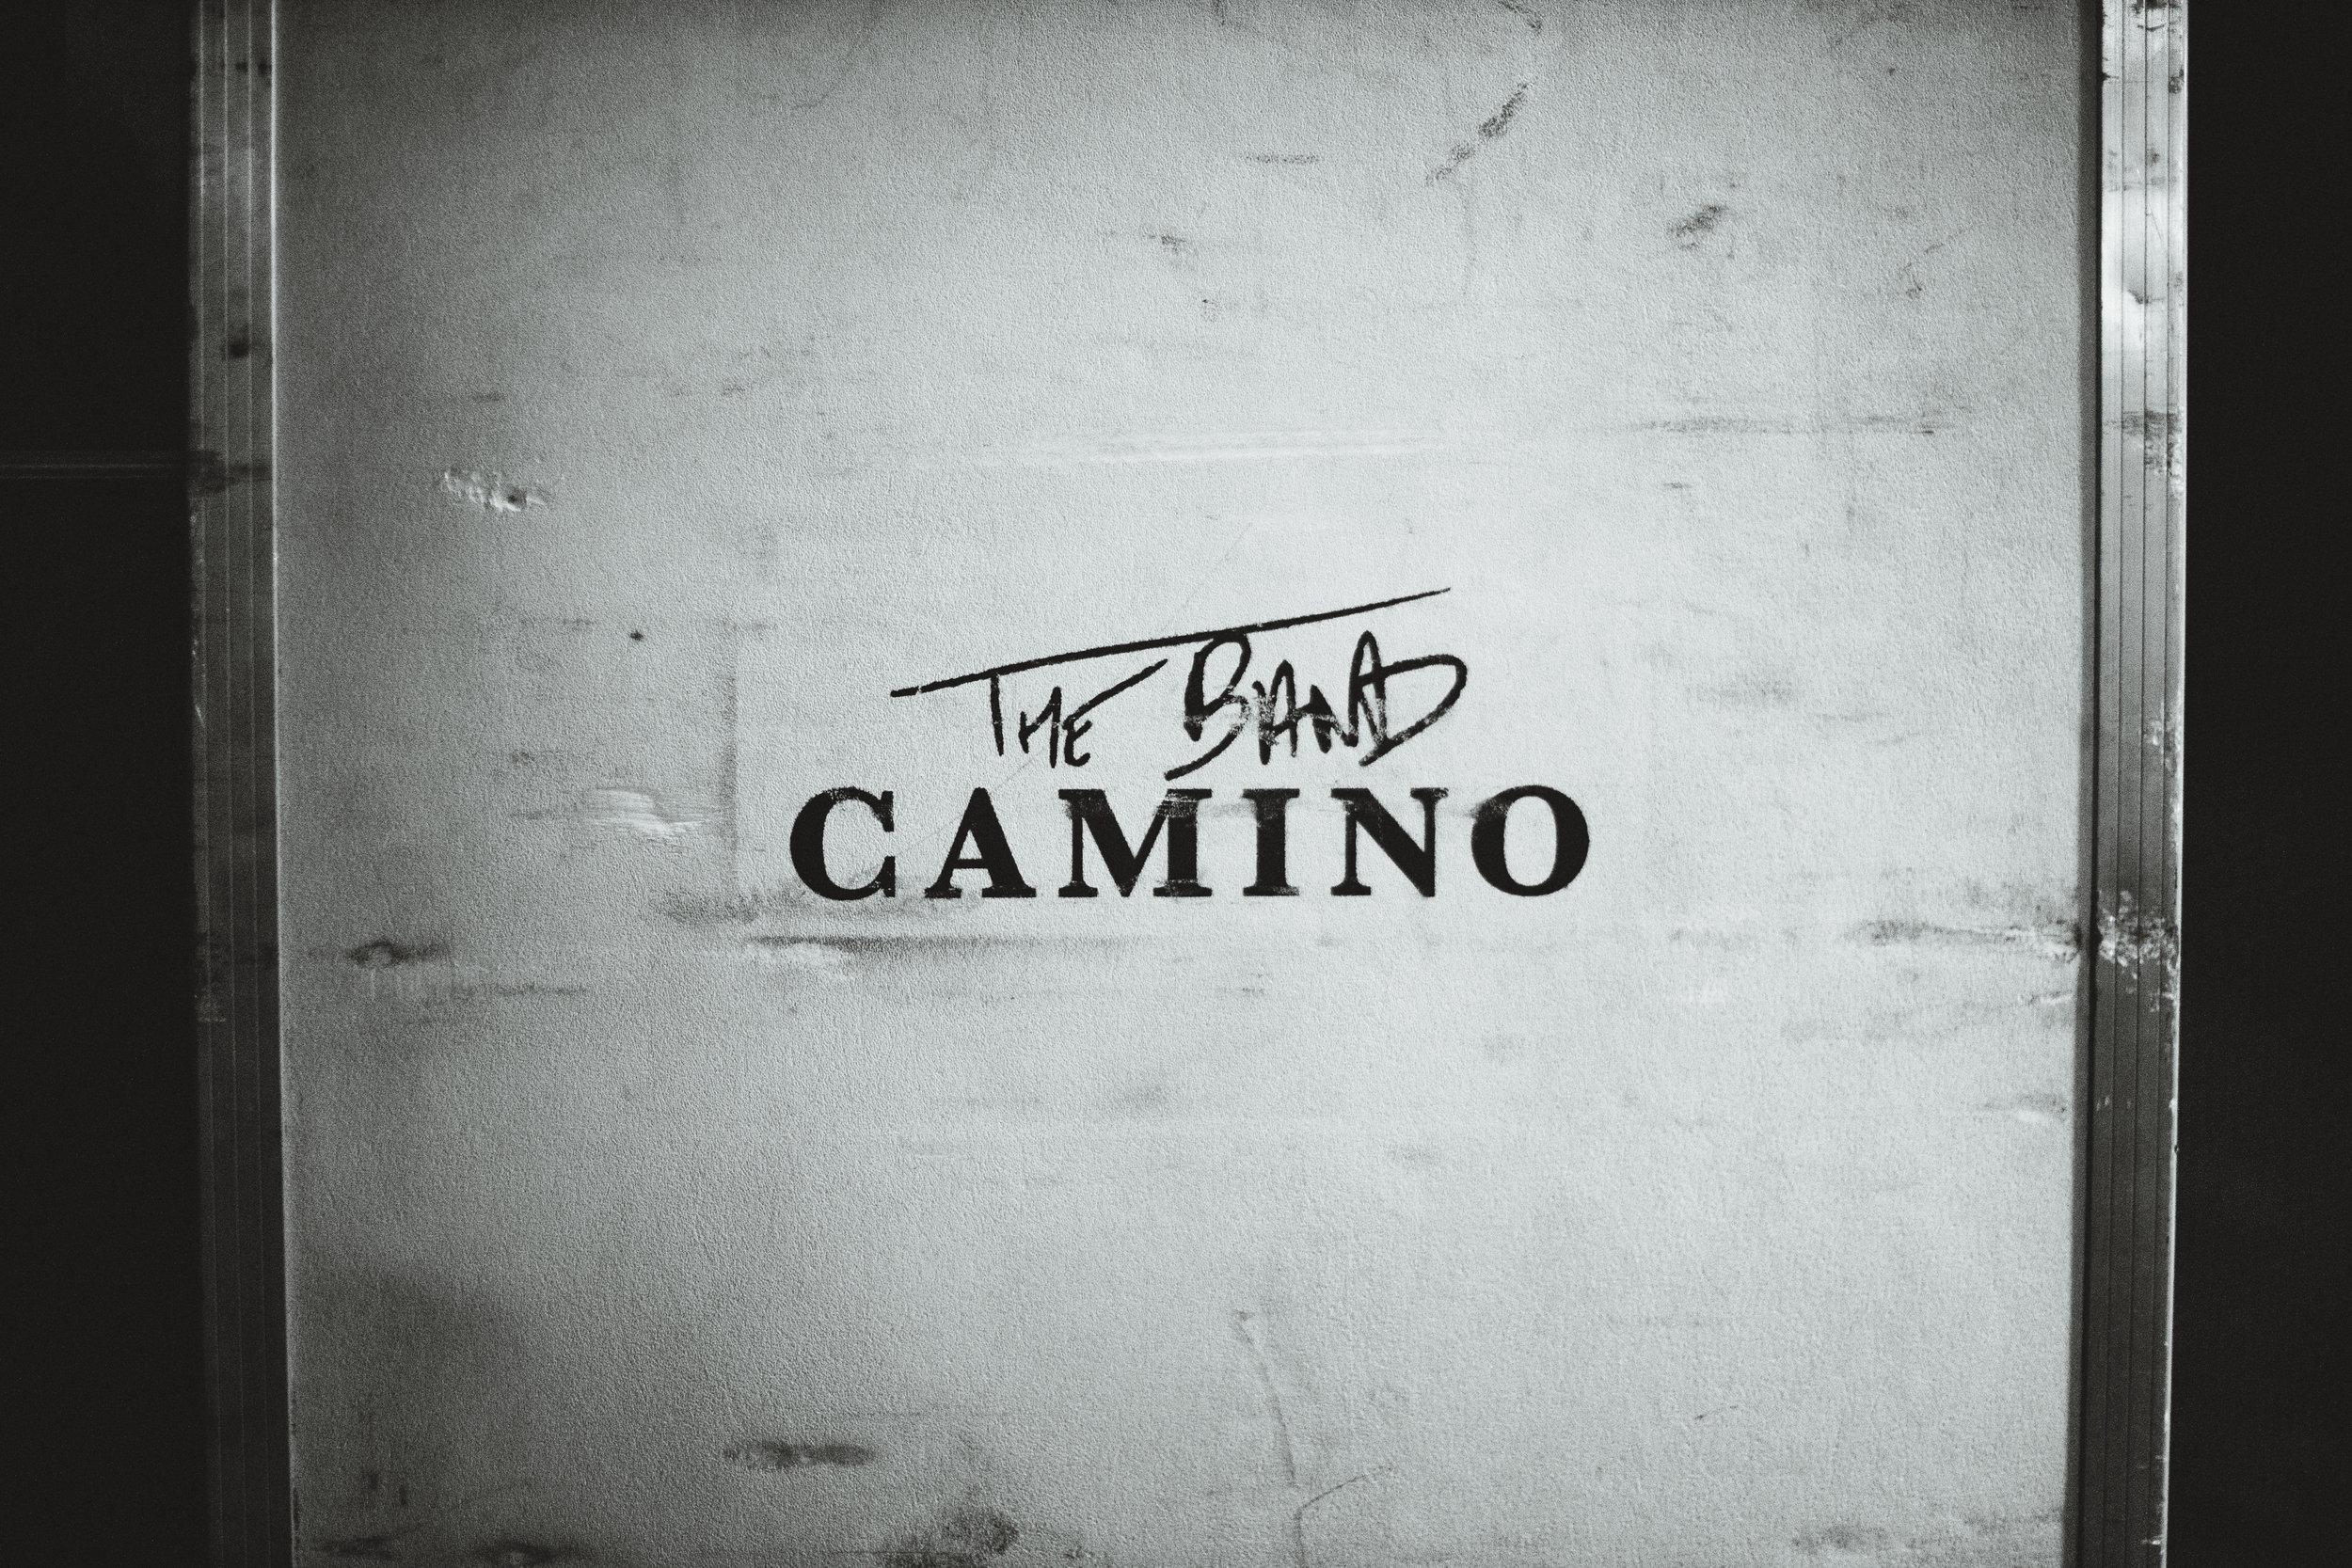 TheBandCamino-1.jpg